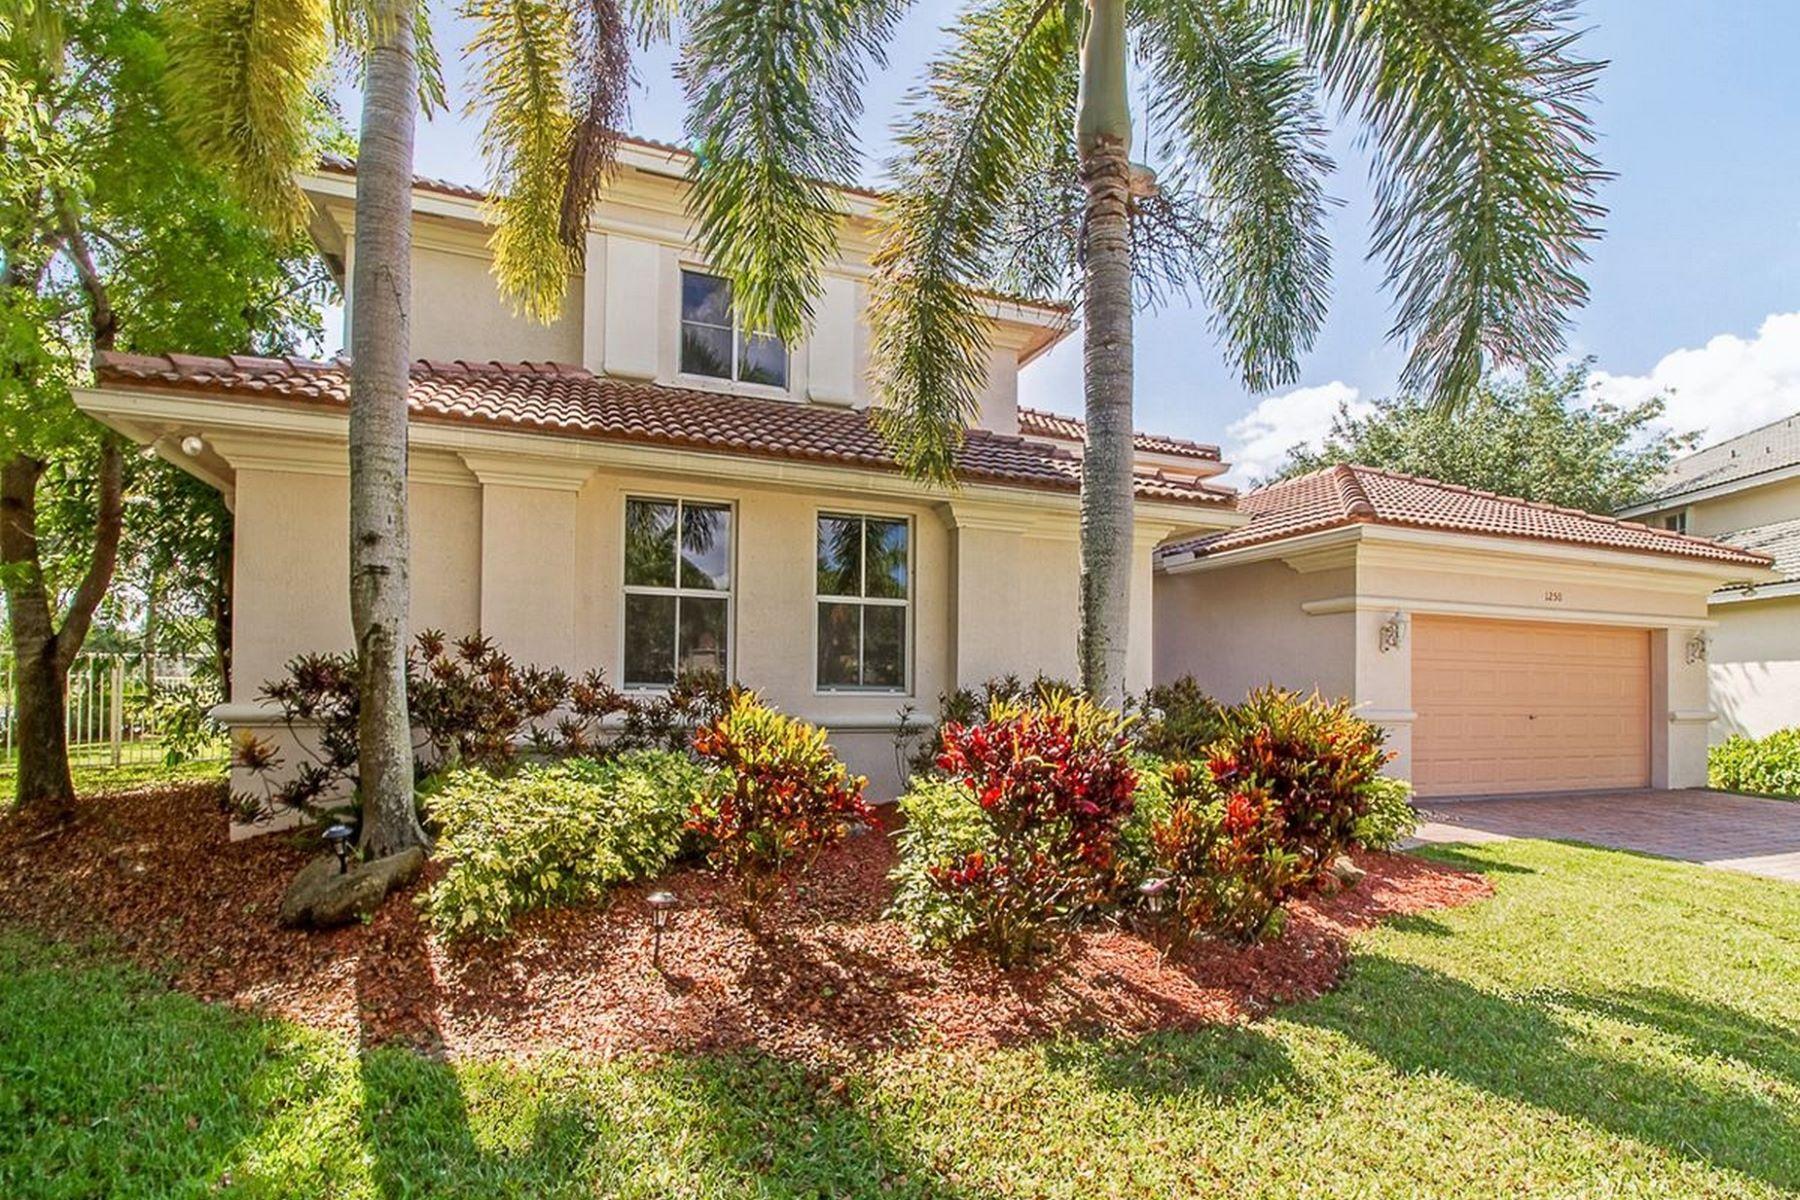 Einfamilienhaus für Verkauf beim 1250 Placid Ct 1250 Placid Ct Weston, Florida 33327 Vereinigte Staaten